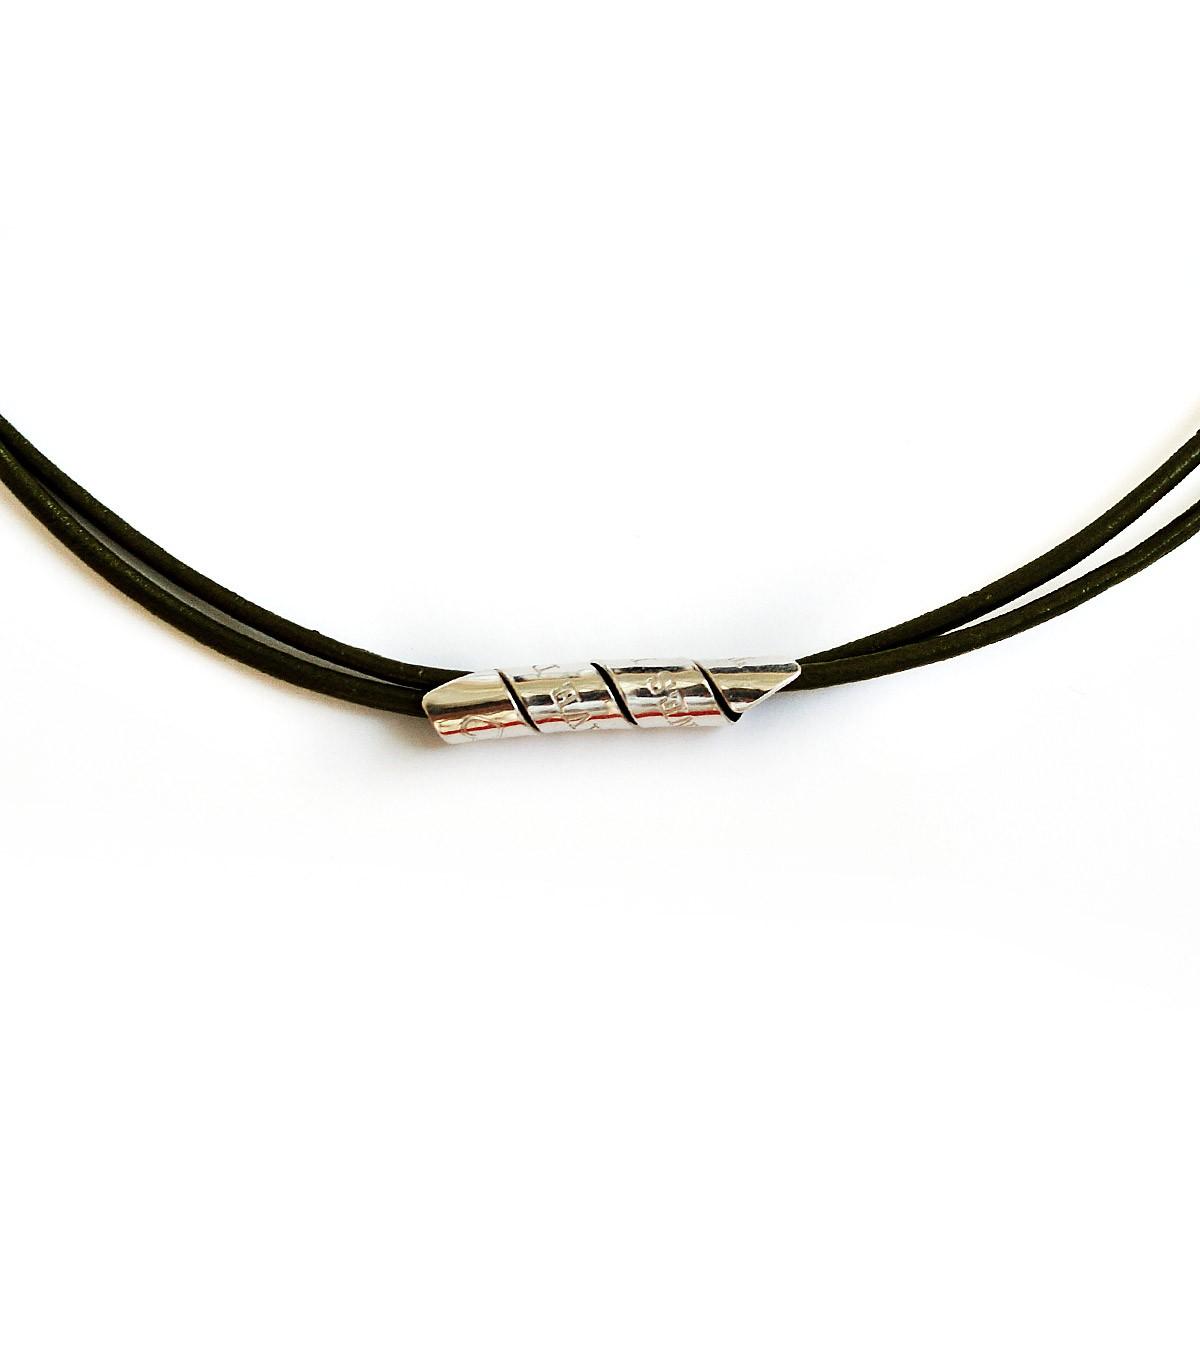 mejores zapatillas de deporte 0aaf1 971cf Collar de cuero y plata personalizado – Curly - Joyas de moda para hombre -  Platelia